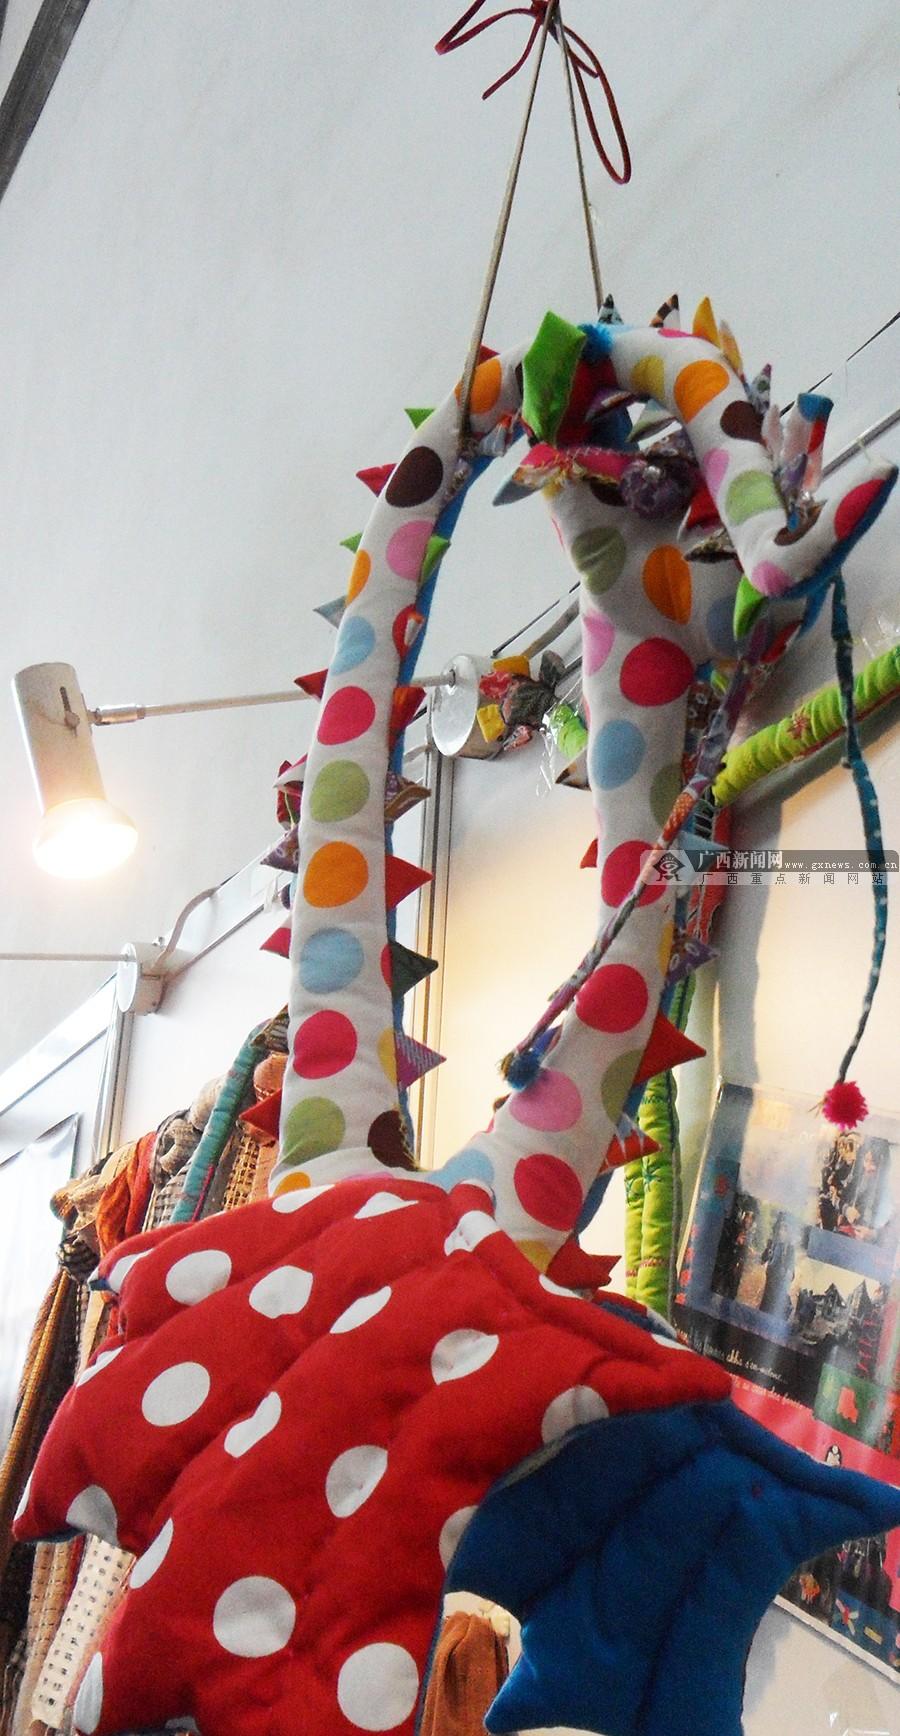 特别是手工缝制的小动物制品,受到了女性观众的欢迎. &nbsp